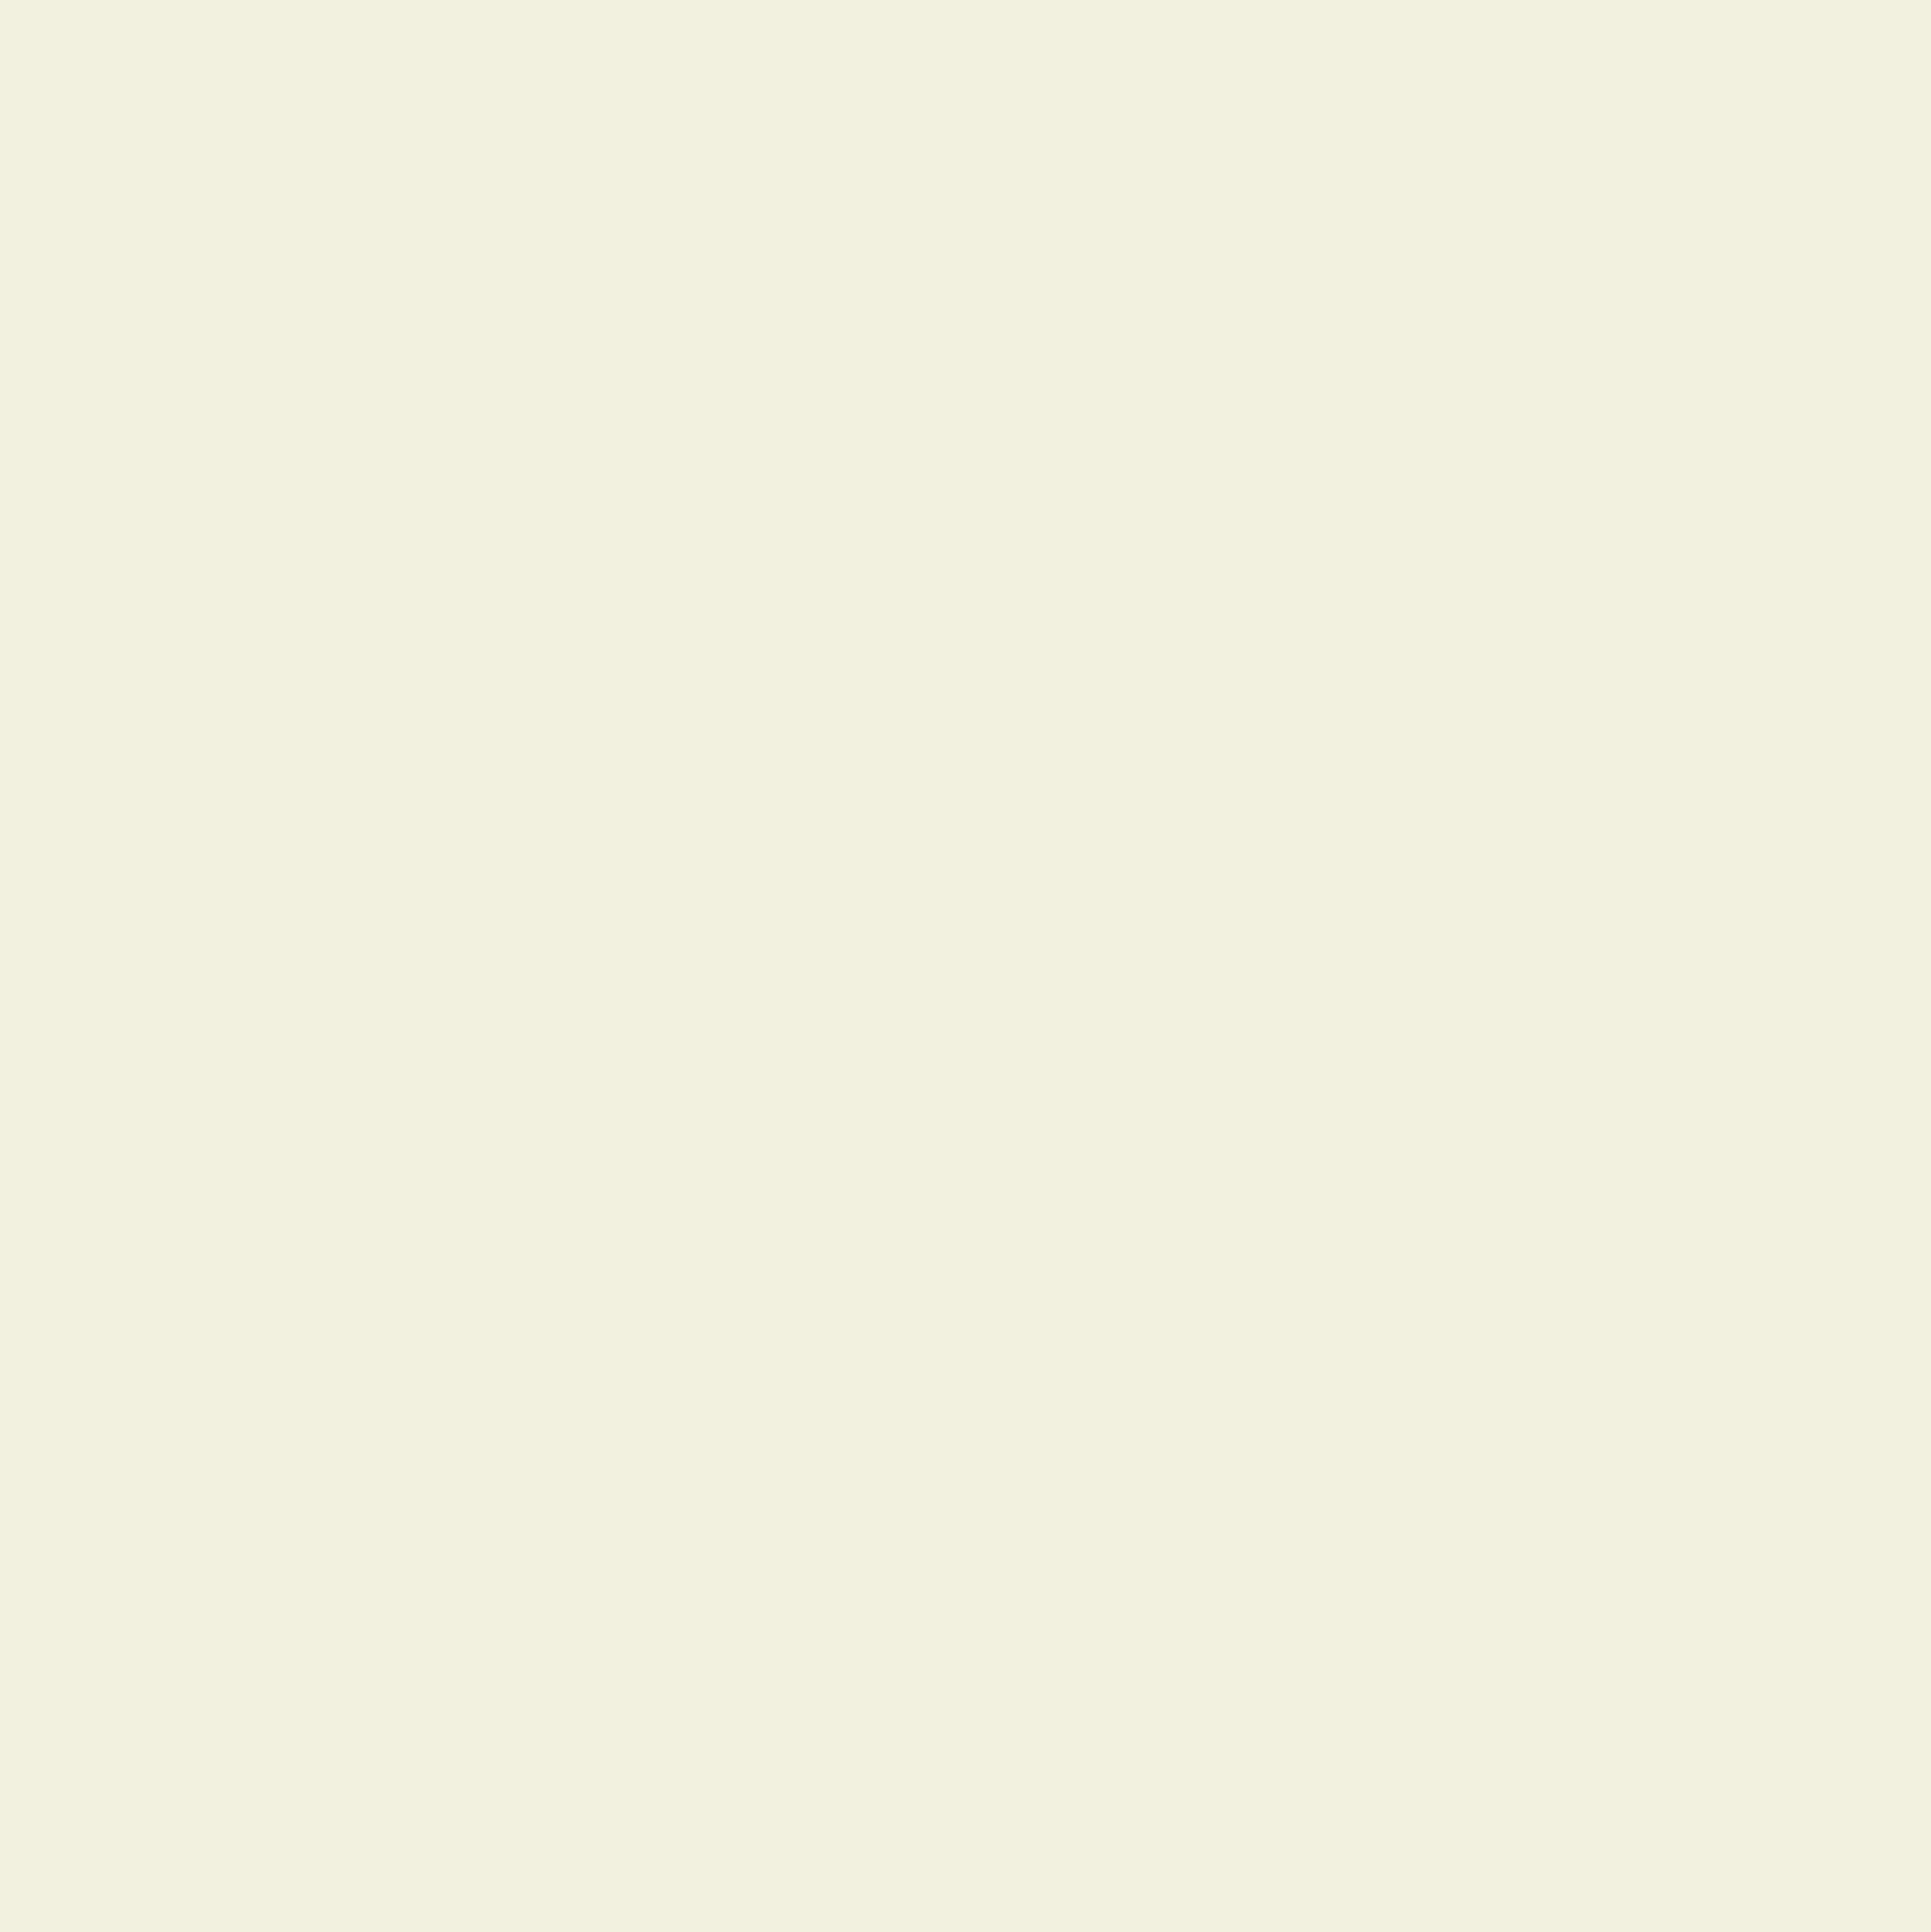 Mantel CRUDOColorLiso Rectangular 1,5x2,1m [porconfeccionar] [listoen5·7días]